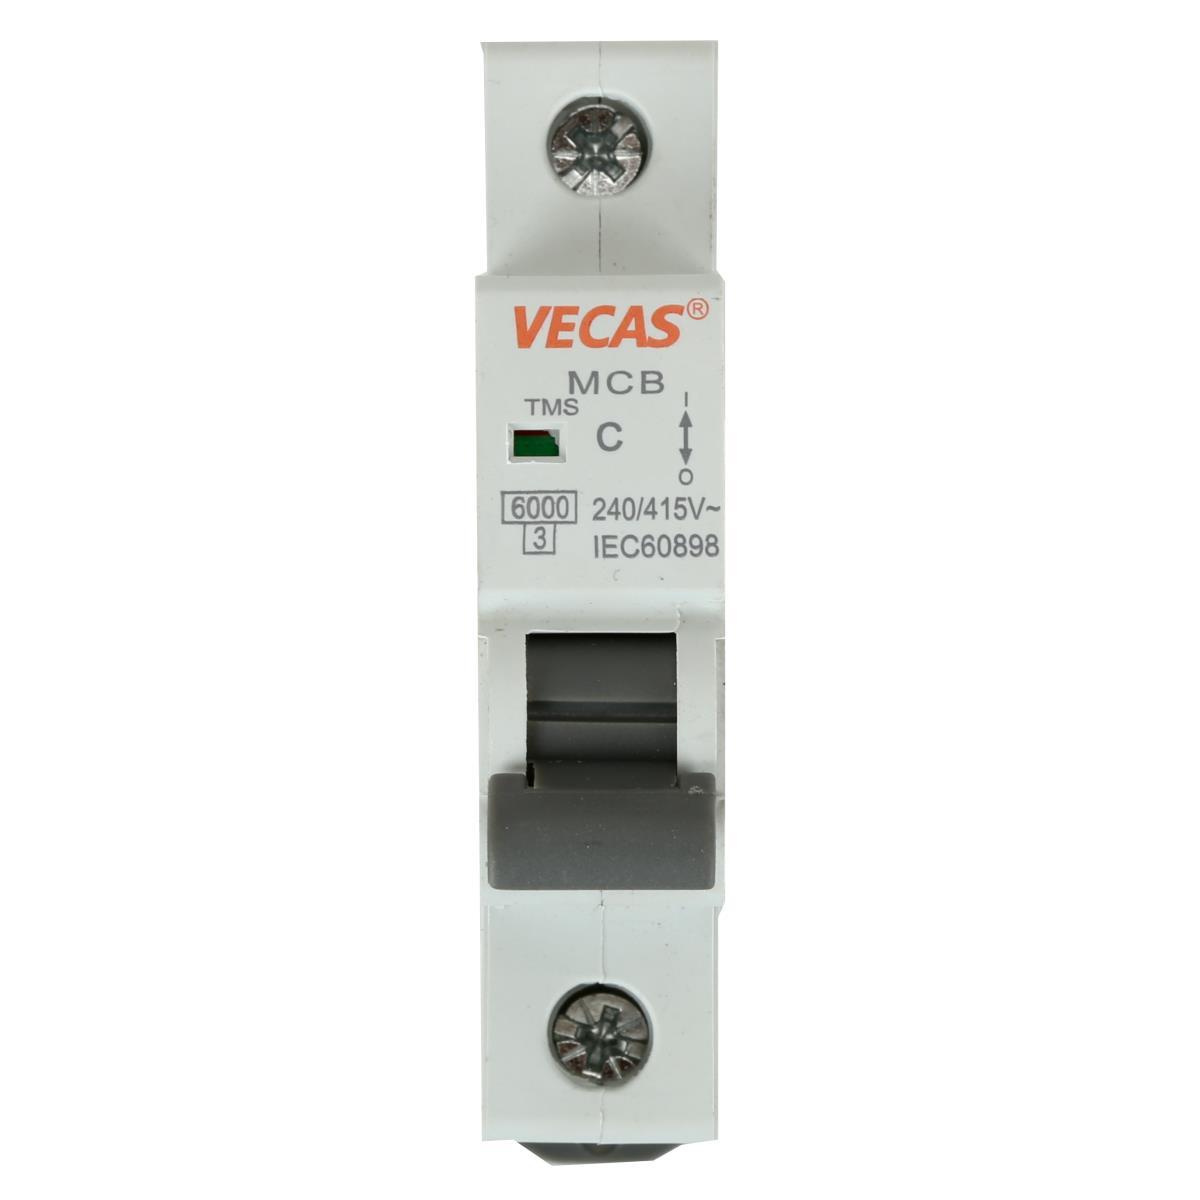 Leitungsschutzschalter Sicherungsautomat  B, 1-polig, 6A LS-Schalter,Vecas,L7-6-1-B, 4770364101502